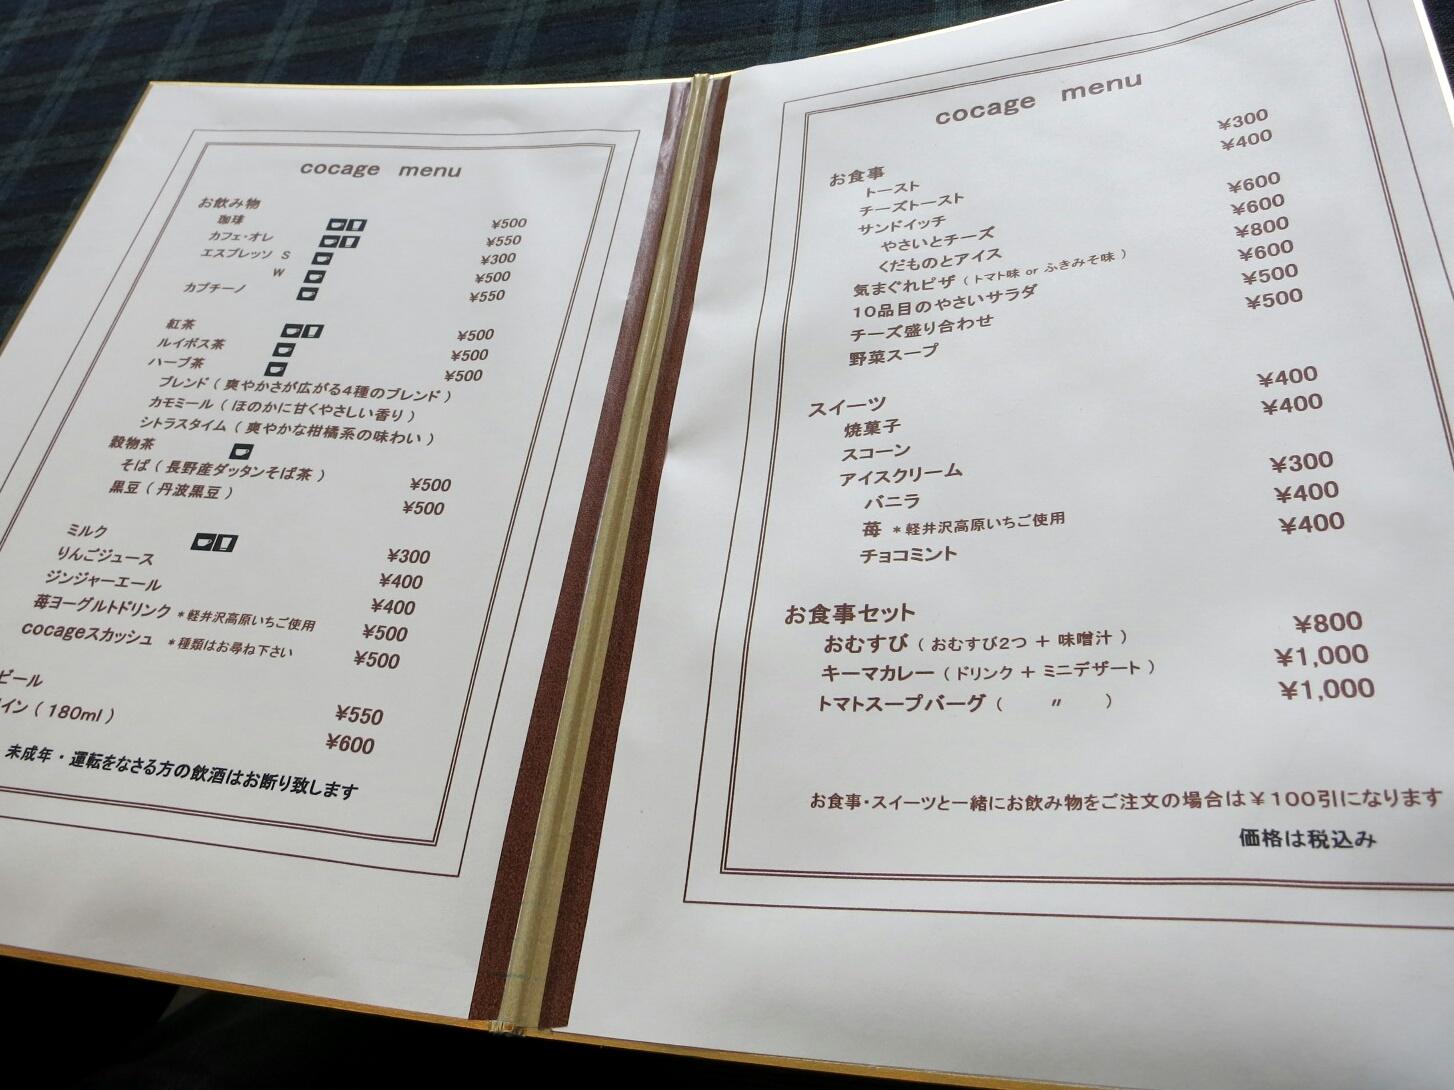 スーパー・マツヤの隣りにカフェがOpen!☆ cocage cafe<移転>_f0236260_18204331.jpg